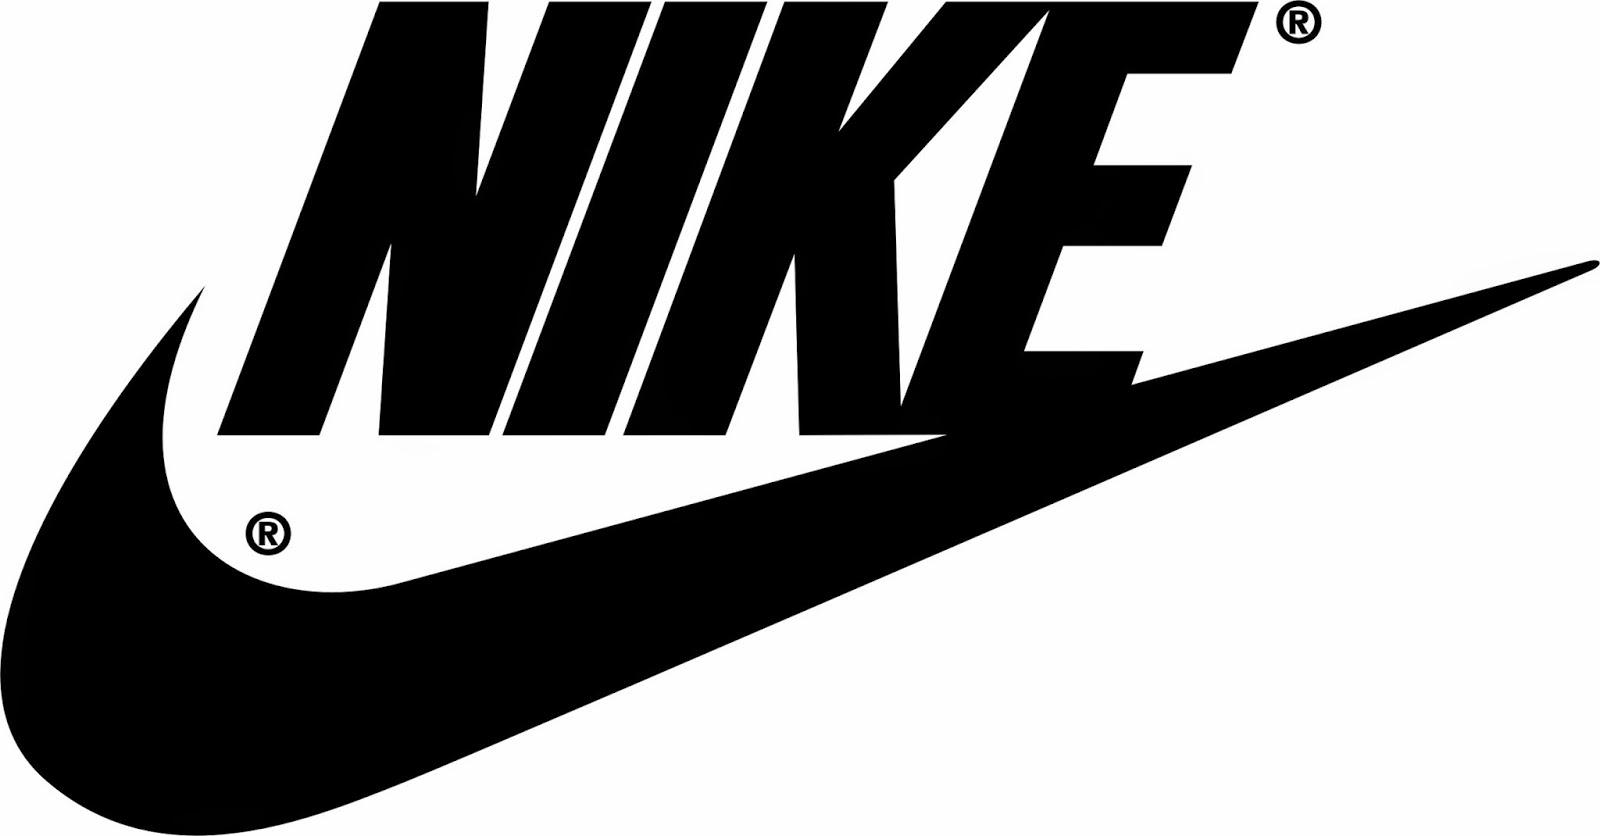 Nike Türkiye Müşteri Hizmetleri İletişim Adres Ve Telefonları 90 212 365 04 04    Satın aldığınız ürünle ilgili yardım için lütfen bayi ile temasa geçiniz. Nike ürünleri ile ilgili diğer konularda yardım için yerel Nike distribütörü ile temasa geçiniz: Nike Türkiye Büyükdere cad. Nurol Plaza  No:257 B Blok Kat:9 Maslak 34398 İstanbul  Turkey 90 212 365 04 04 (telefon) 90 212 365 04 99 (fax)